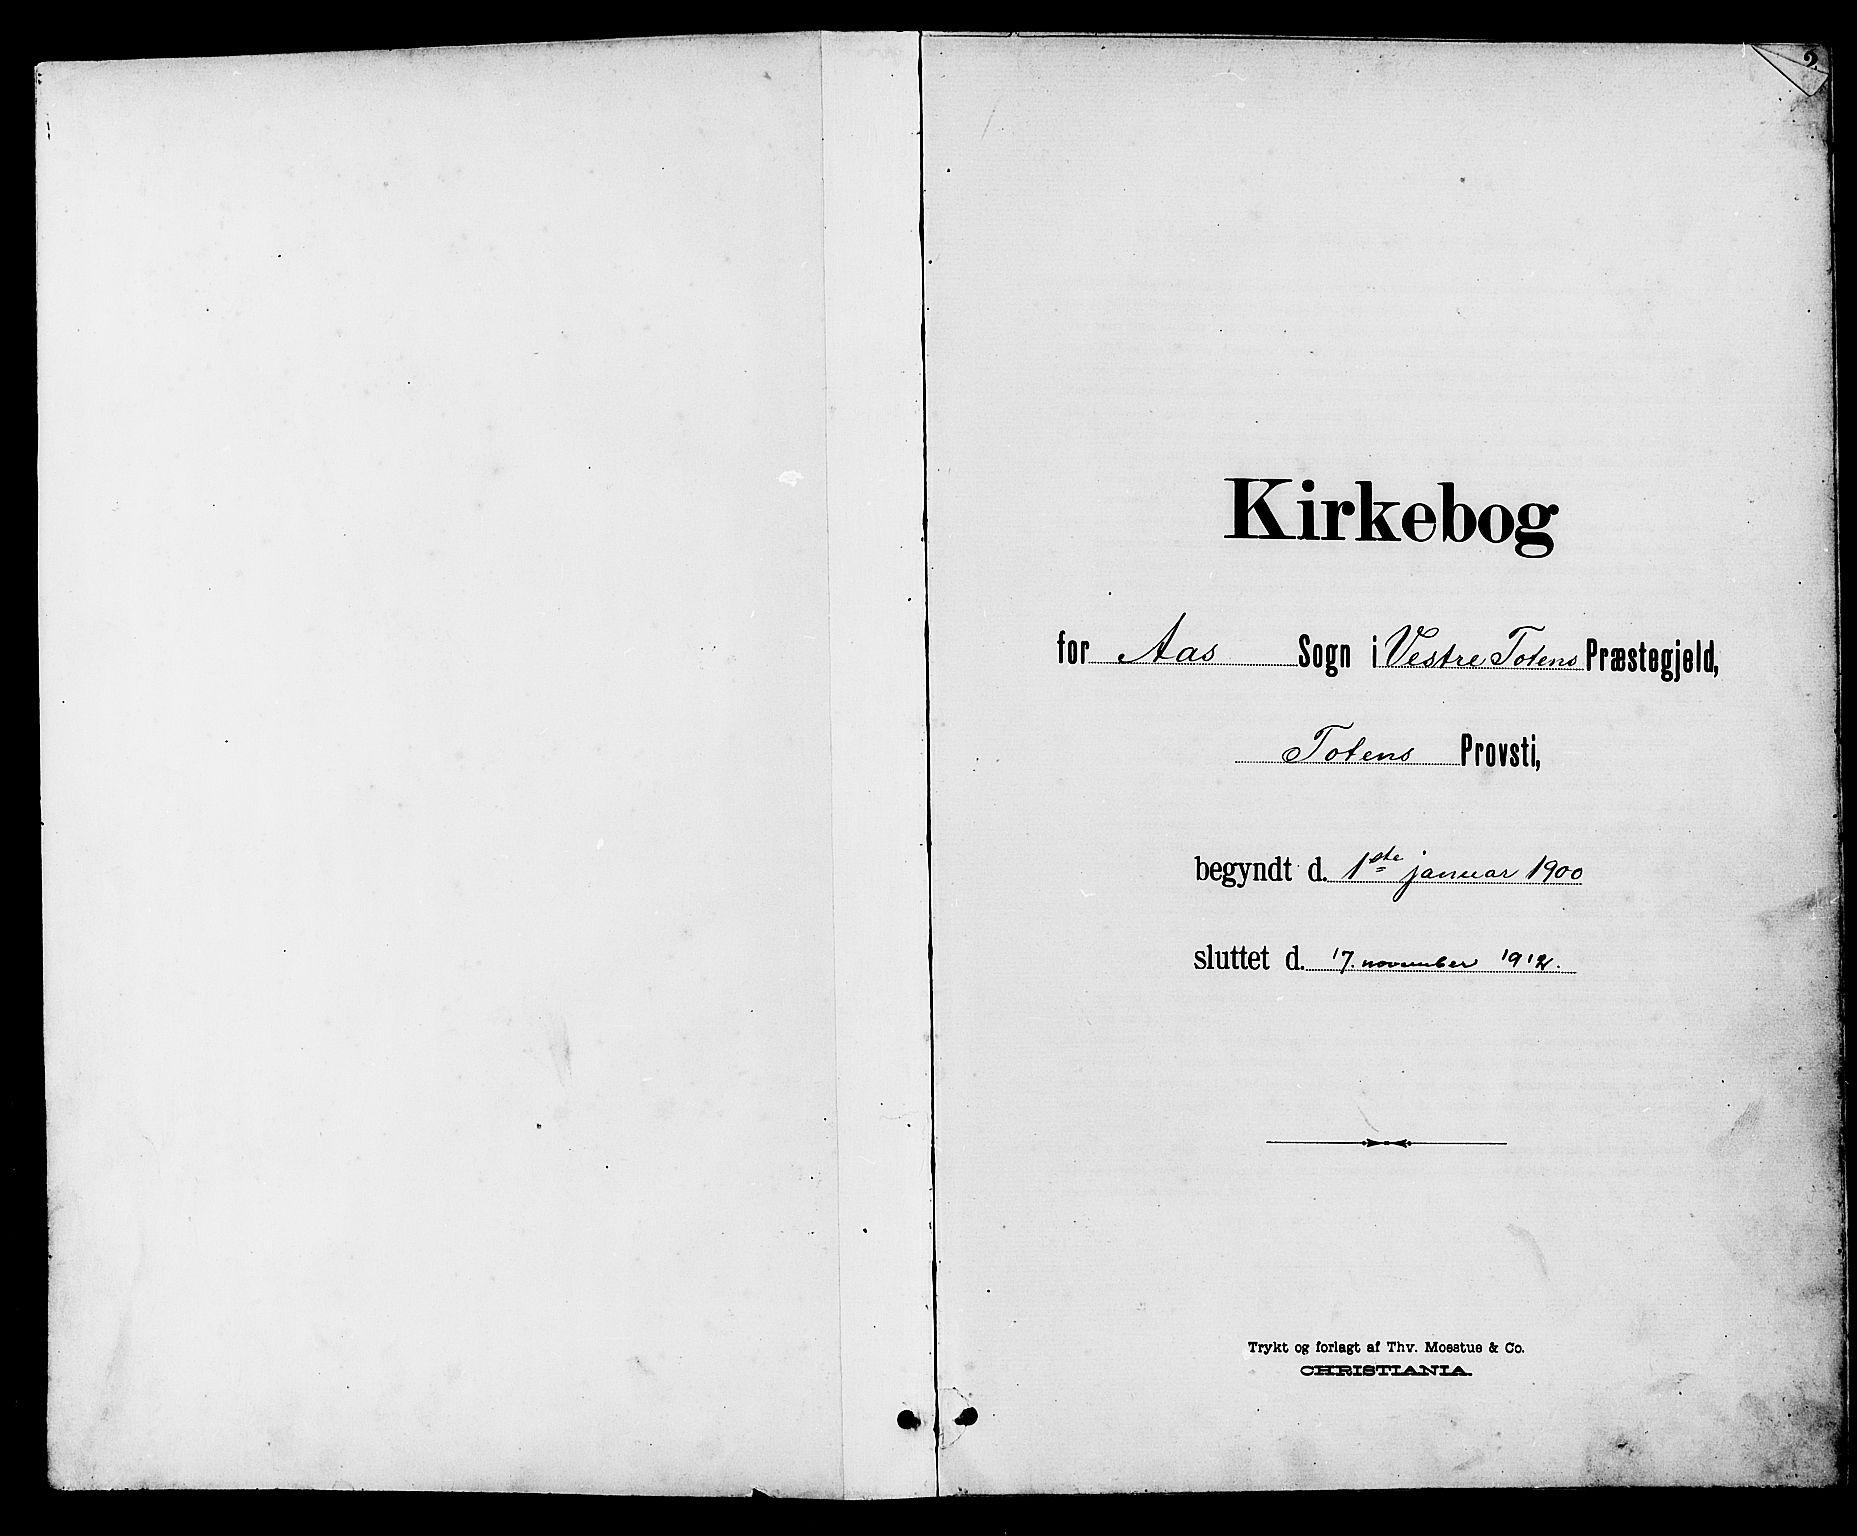 SAH, Vestre Toten prestekontor, Klokkerbok nr. 10, 1900-1912, s. 1